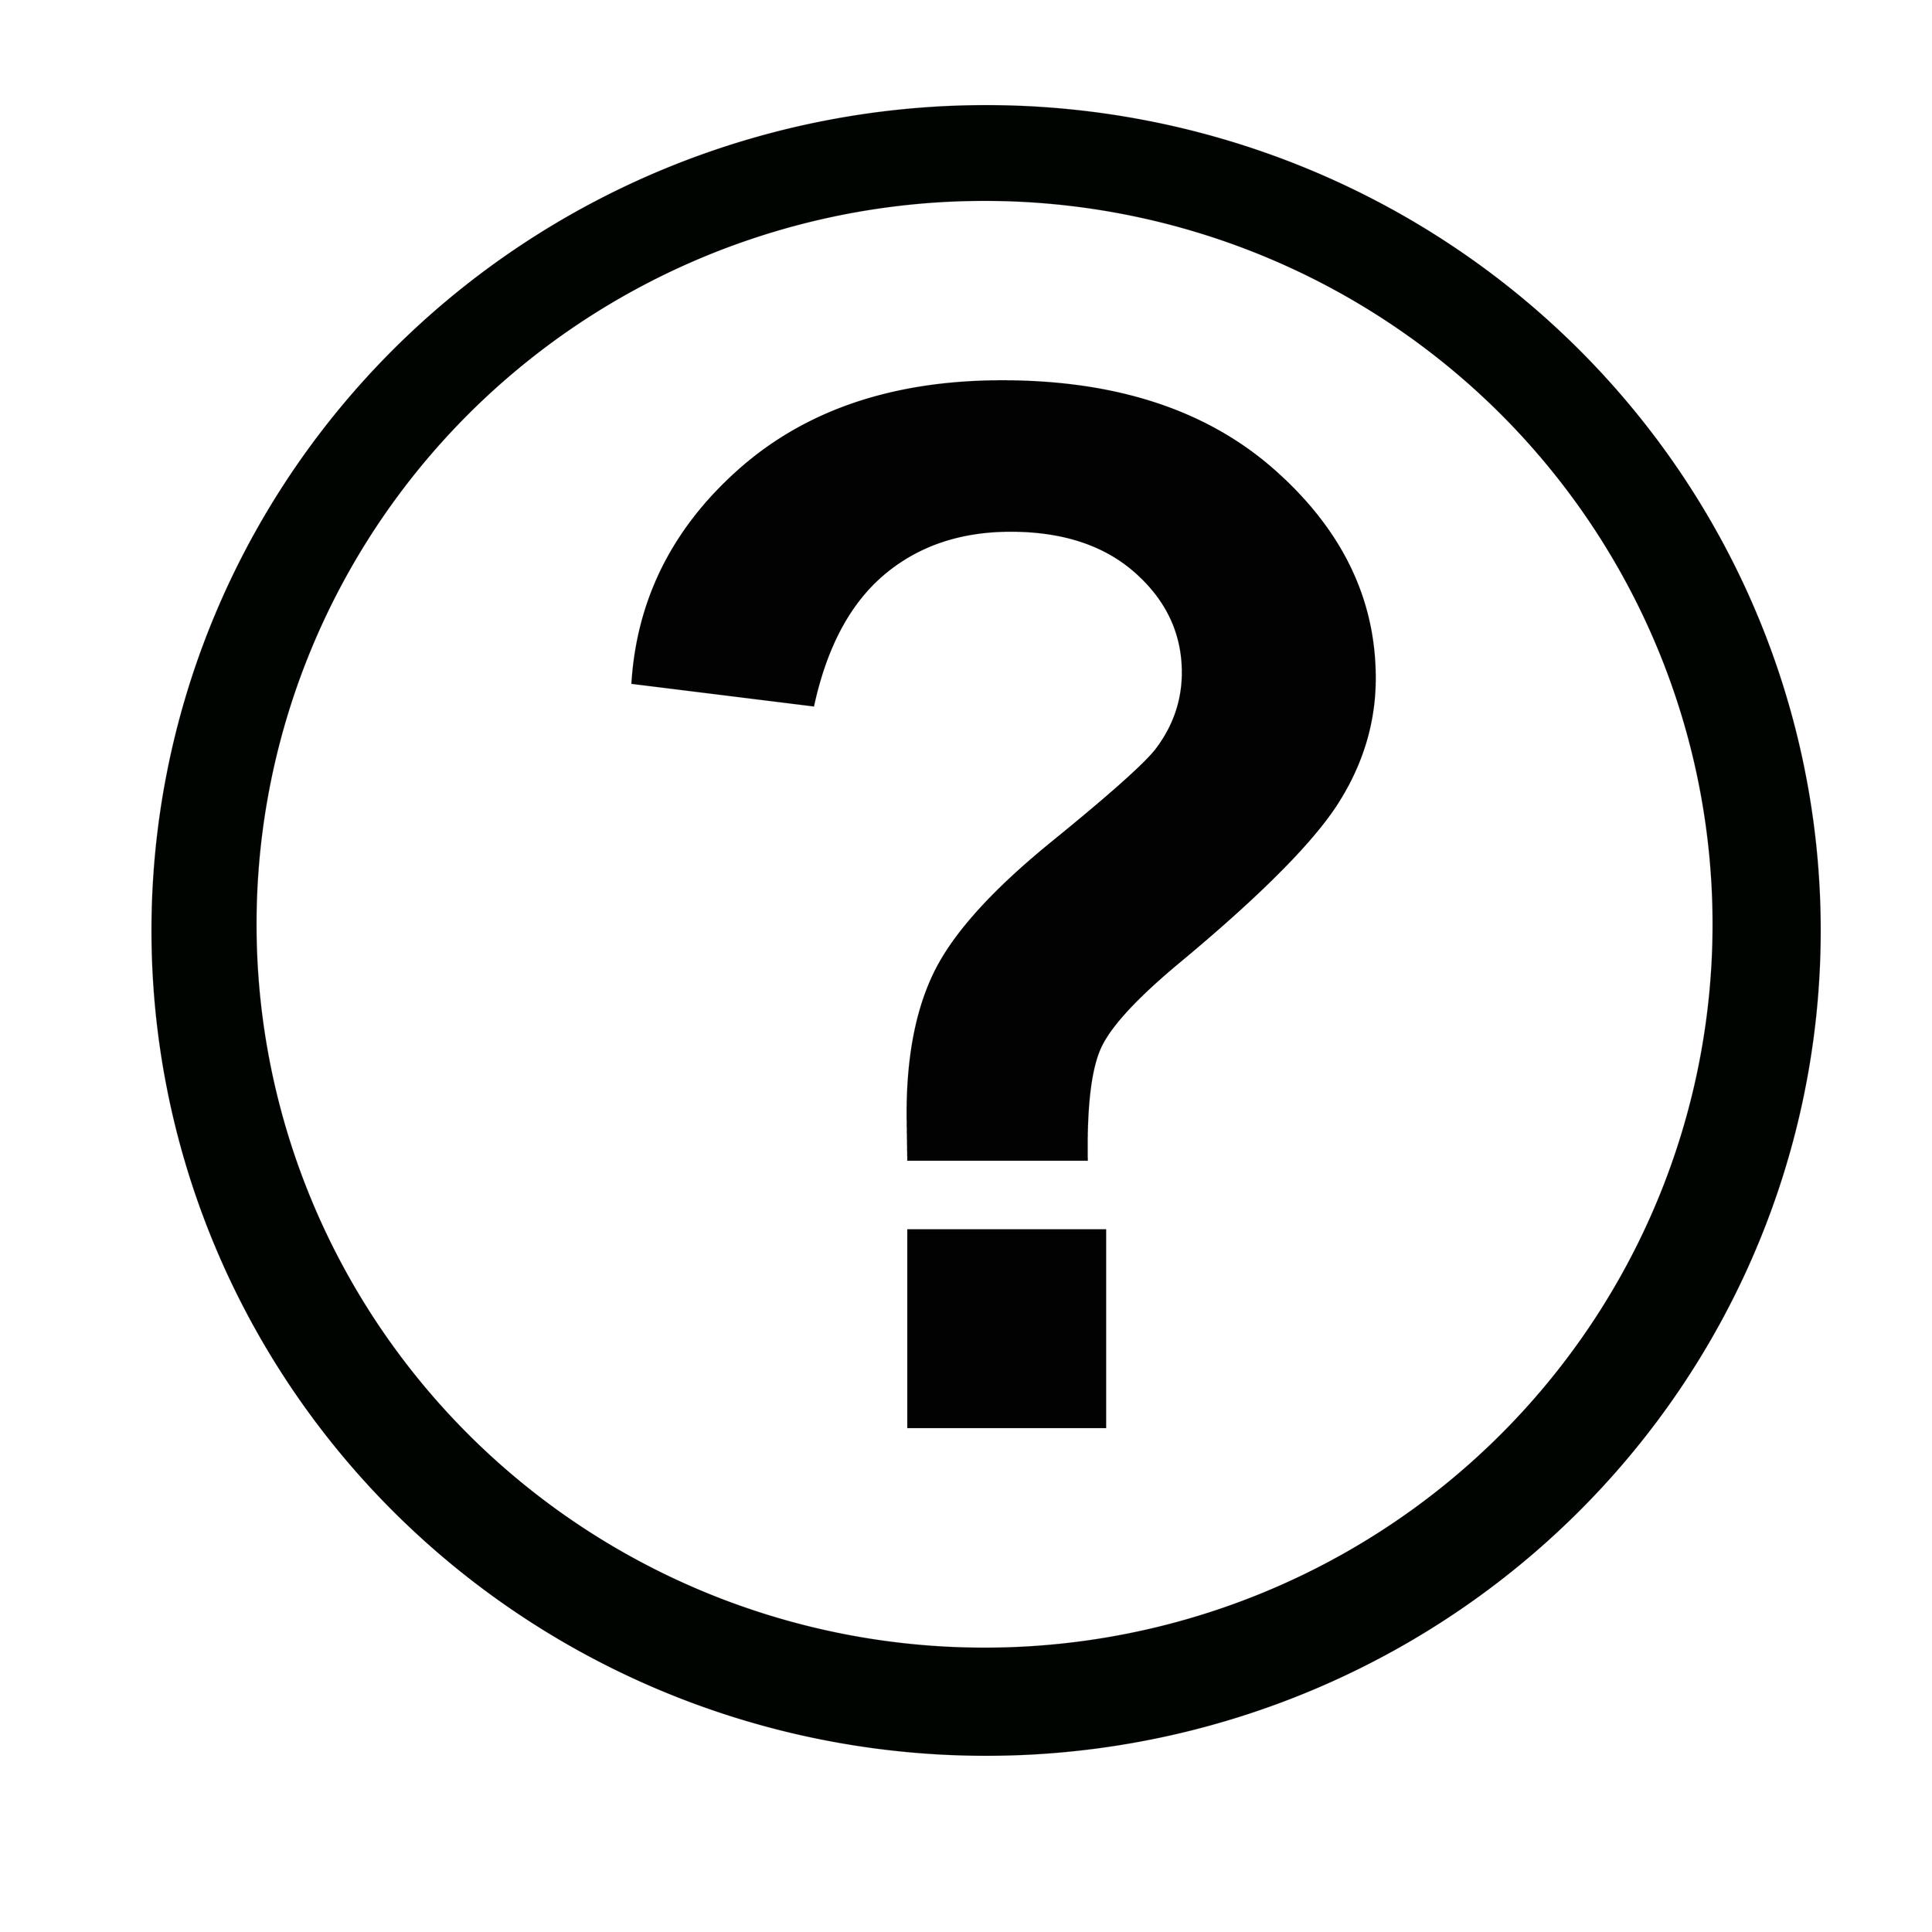 Heb je info nodig over BZC?